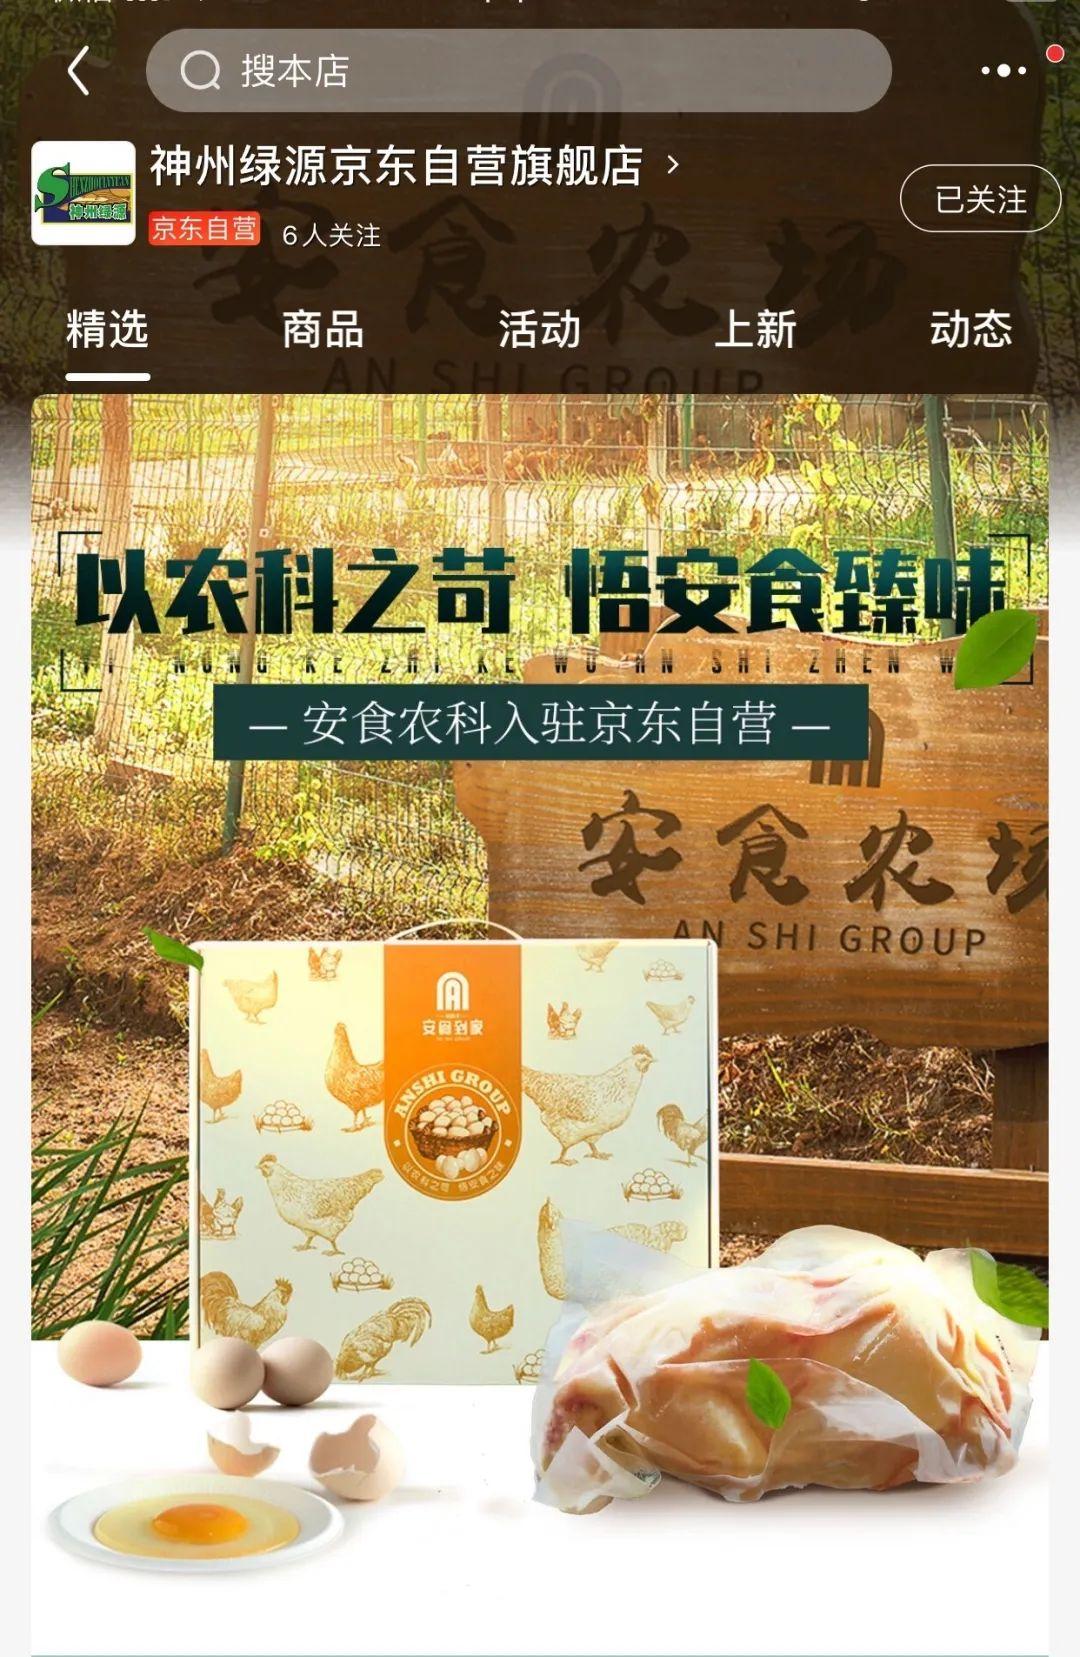 挑战通讯|挑战集团旗下安食农科公司正式入驻京东! 首期铺货全国十大仓